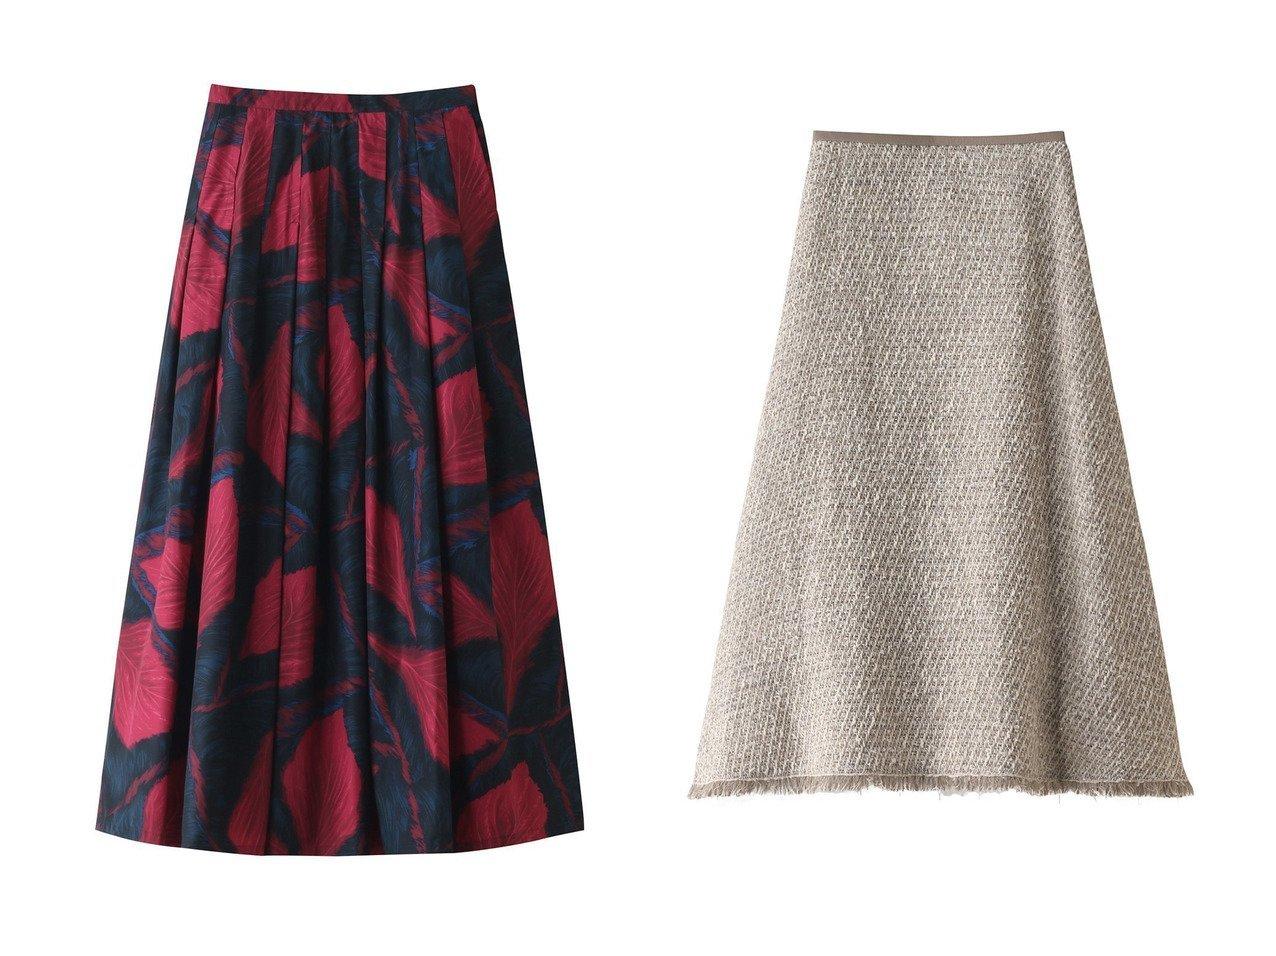 【HOUSE OF LOTUS/ハウス オブ ロータス】のポインセチアプリント タックスカート&ツイード セミフレアスカート 【スカート】おすすめ!人気、トレンド・レディースファッションの通販 おすすめで人気の流行・トレンド、ファッションの通販商品 インテリア・家具・メンズファッション・キッズファッション・レディースファッション・服の通販 founy(ファニー) https://founy.com/ ファッション Fashion レディースファッション WOMEN スカート Skirt Aライン/フレアスカート Flared A-Line Skirts ロングスカート Long Skirt 2020年 2020 2020-2021秋冬・A/W AW・Autumn/Winter・FW・Fall-Winter/2020-2021 2021年 2021 2021-2022秋冬・A/W AW・Autumn/Winter・FW・Fall-Winter・2021-2022 A/W・秋冬 AW・Autumn/Winter・FW・Fall-Winter グラデーション グログラン チュール ツイード フリンジ フレア ミックス ロング |ID:crp329100000056317